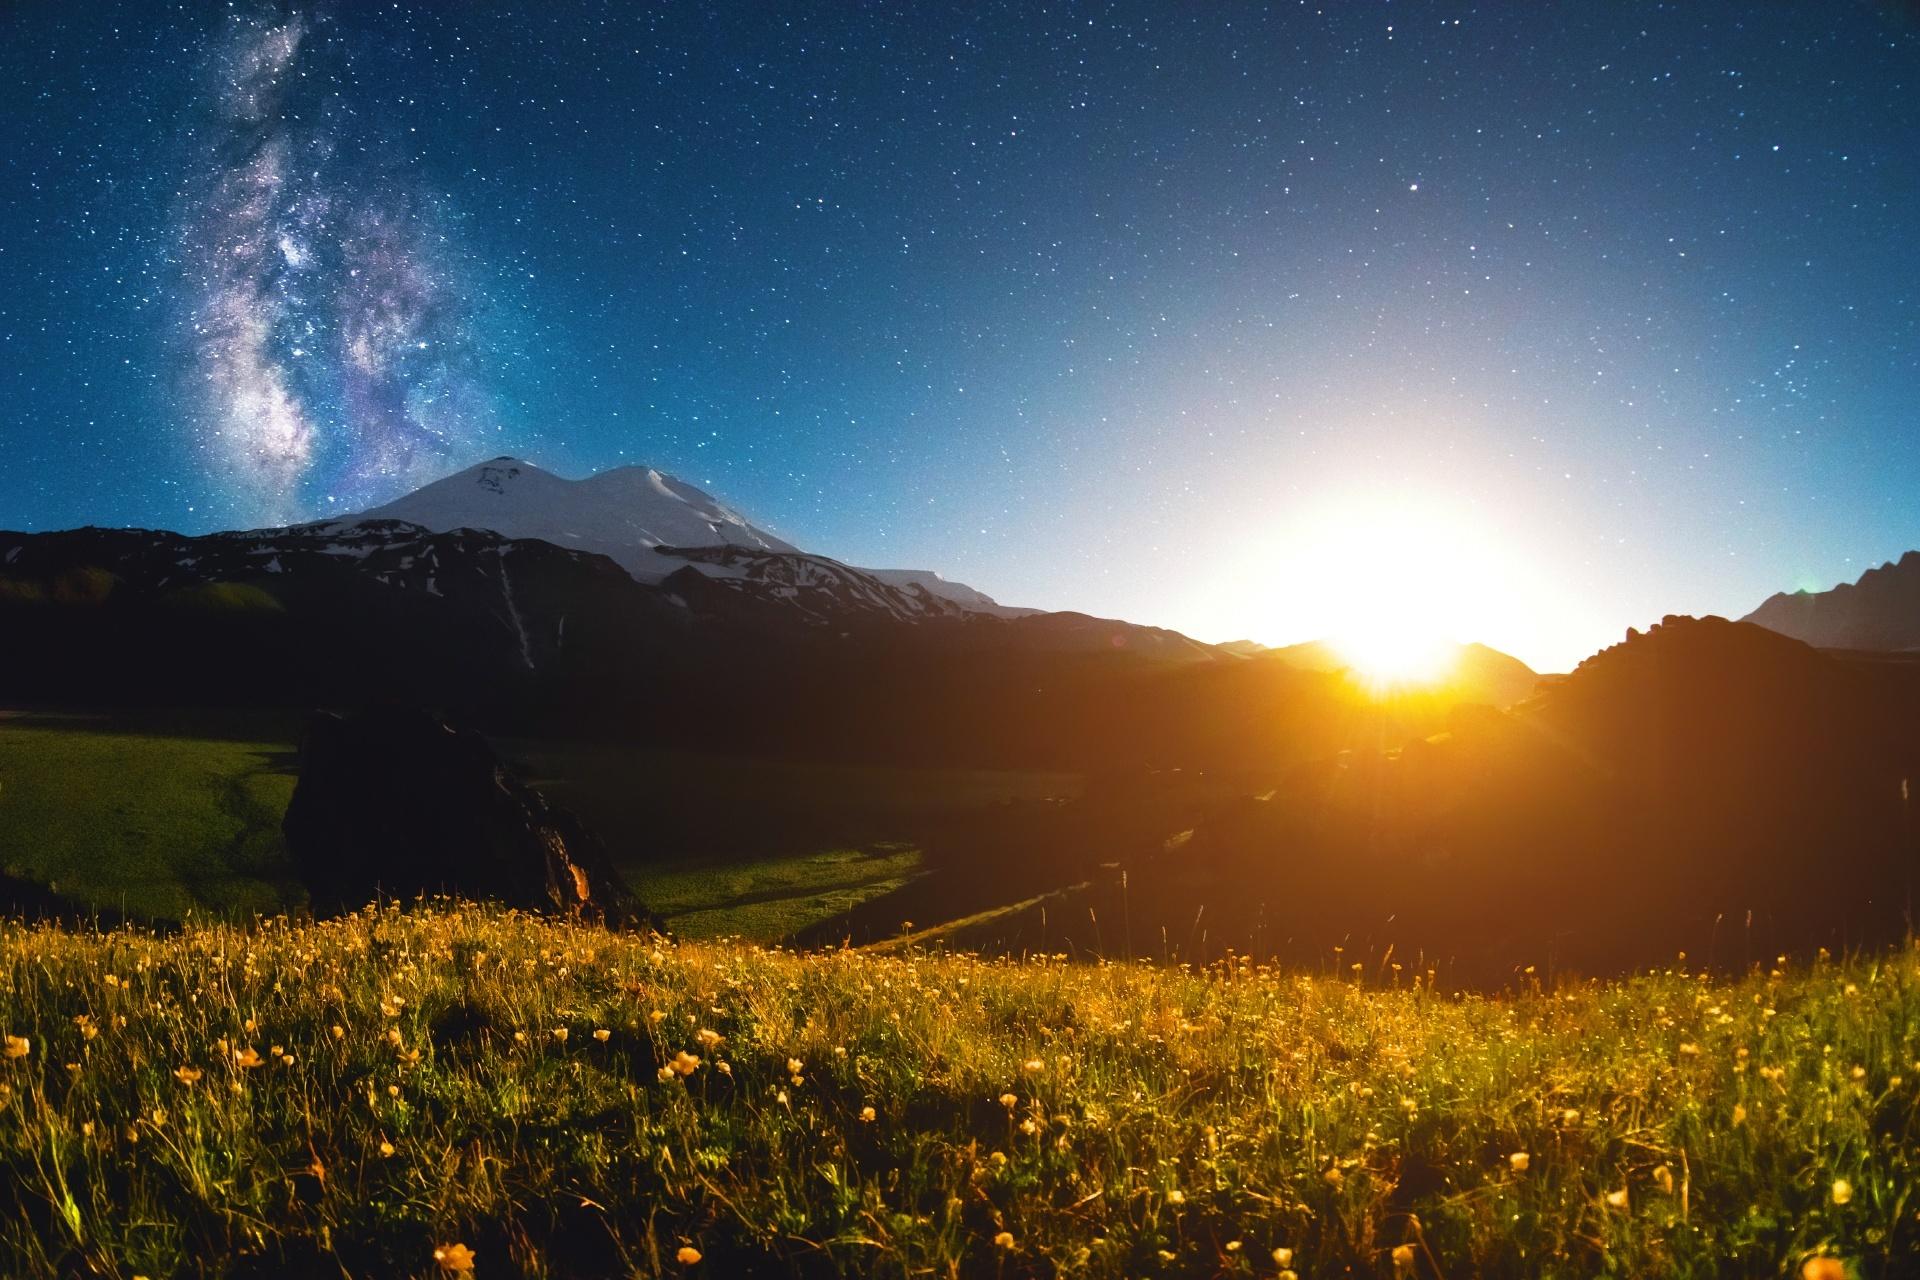 エルブルス山の夜の風景 ロシアの風景